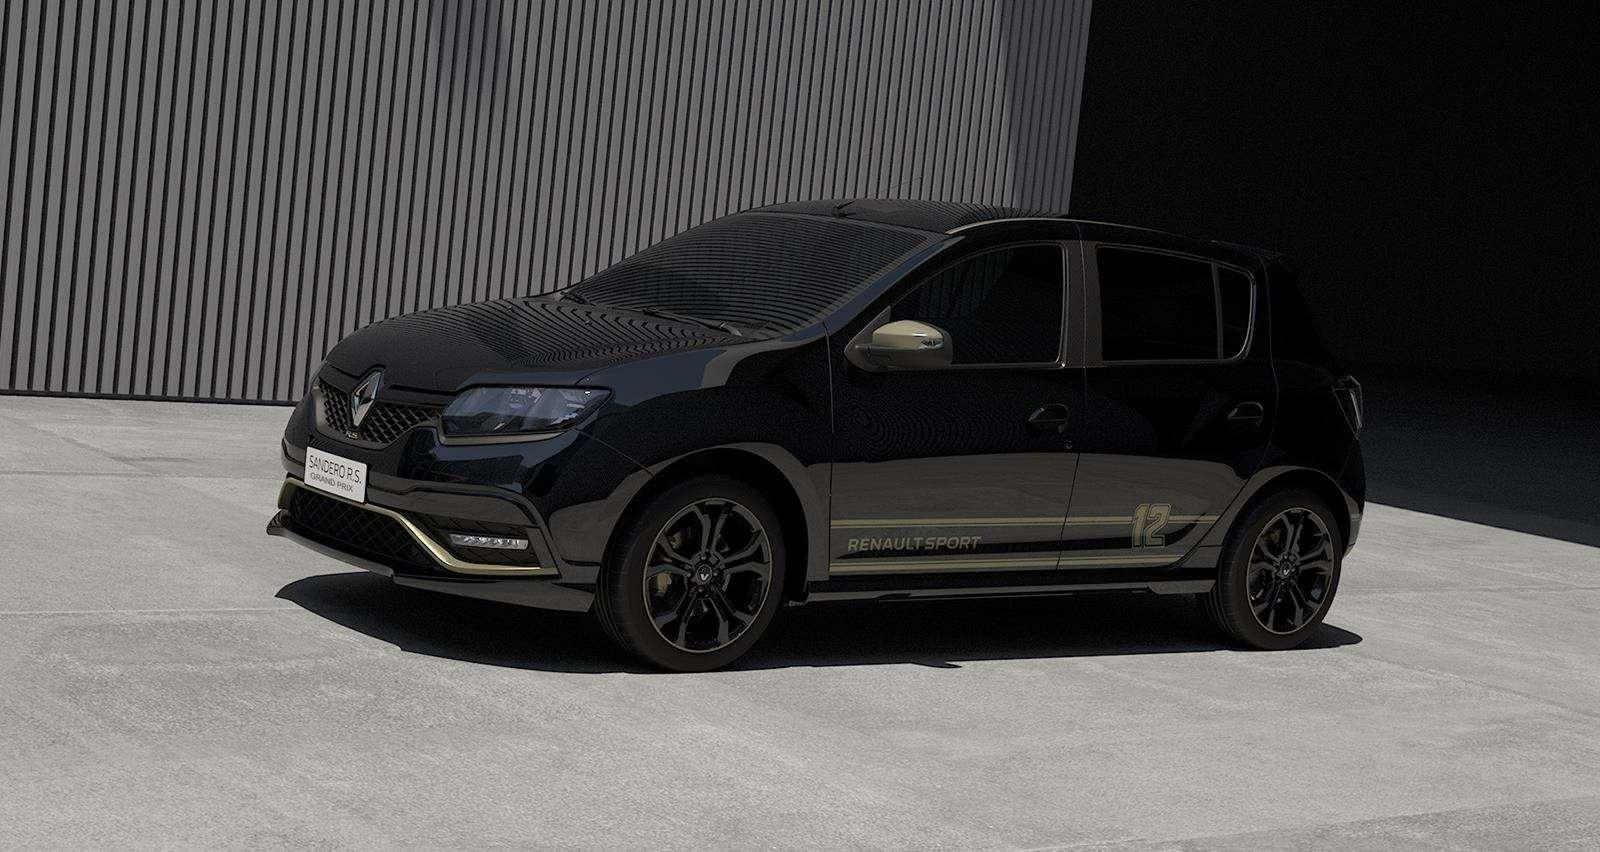 Sandero мечты: Renault представила спецверсию бестселлера— фото 661439